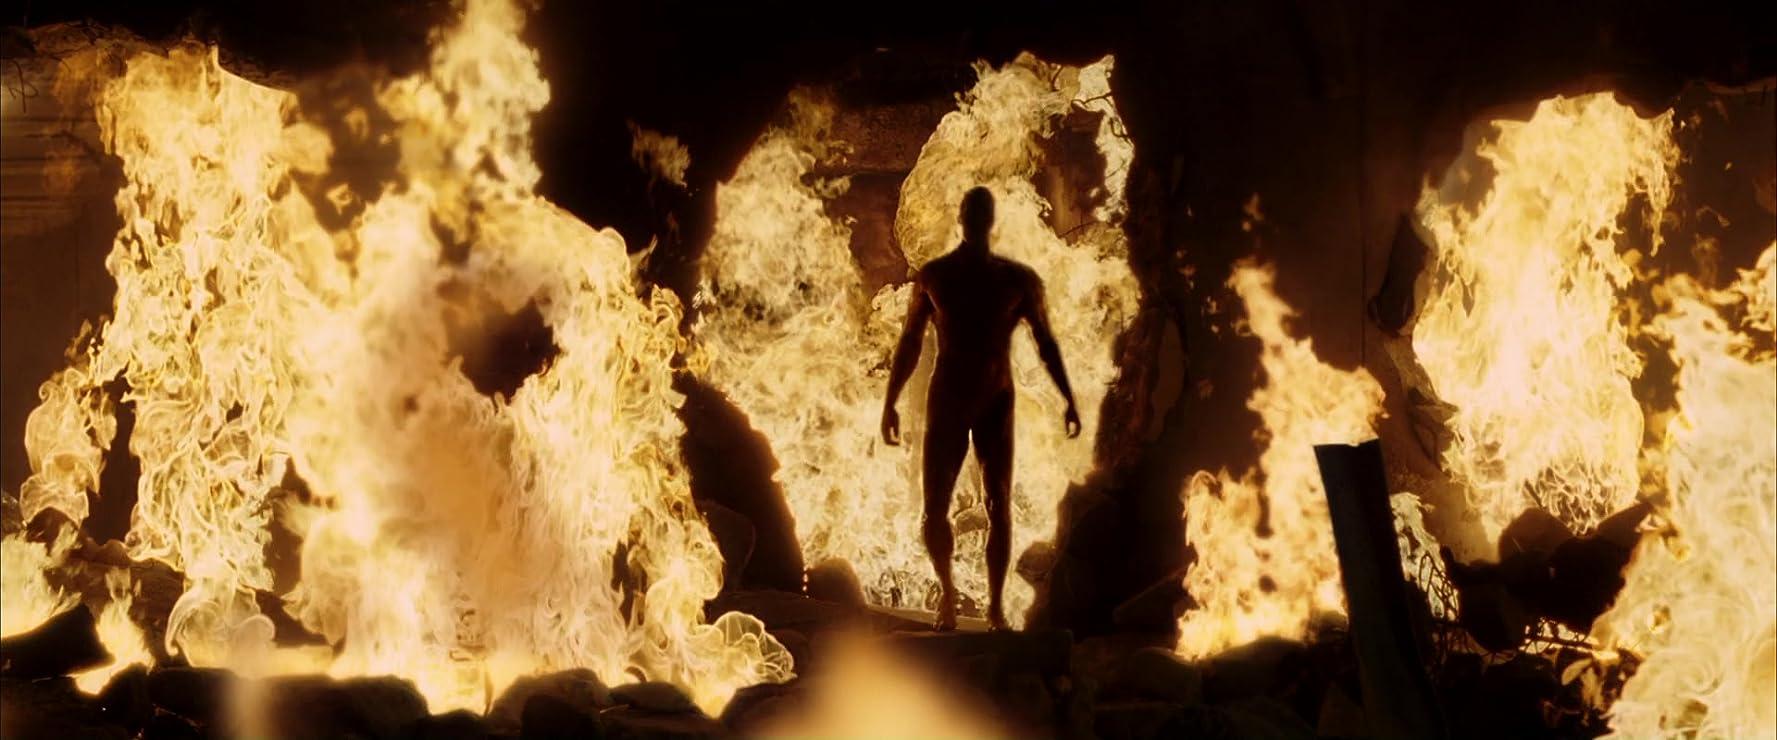 v for vendetta fire ile ilgili görsel sonucu